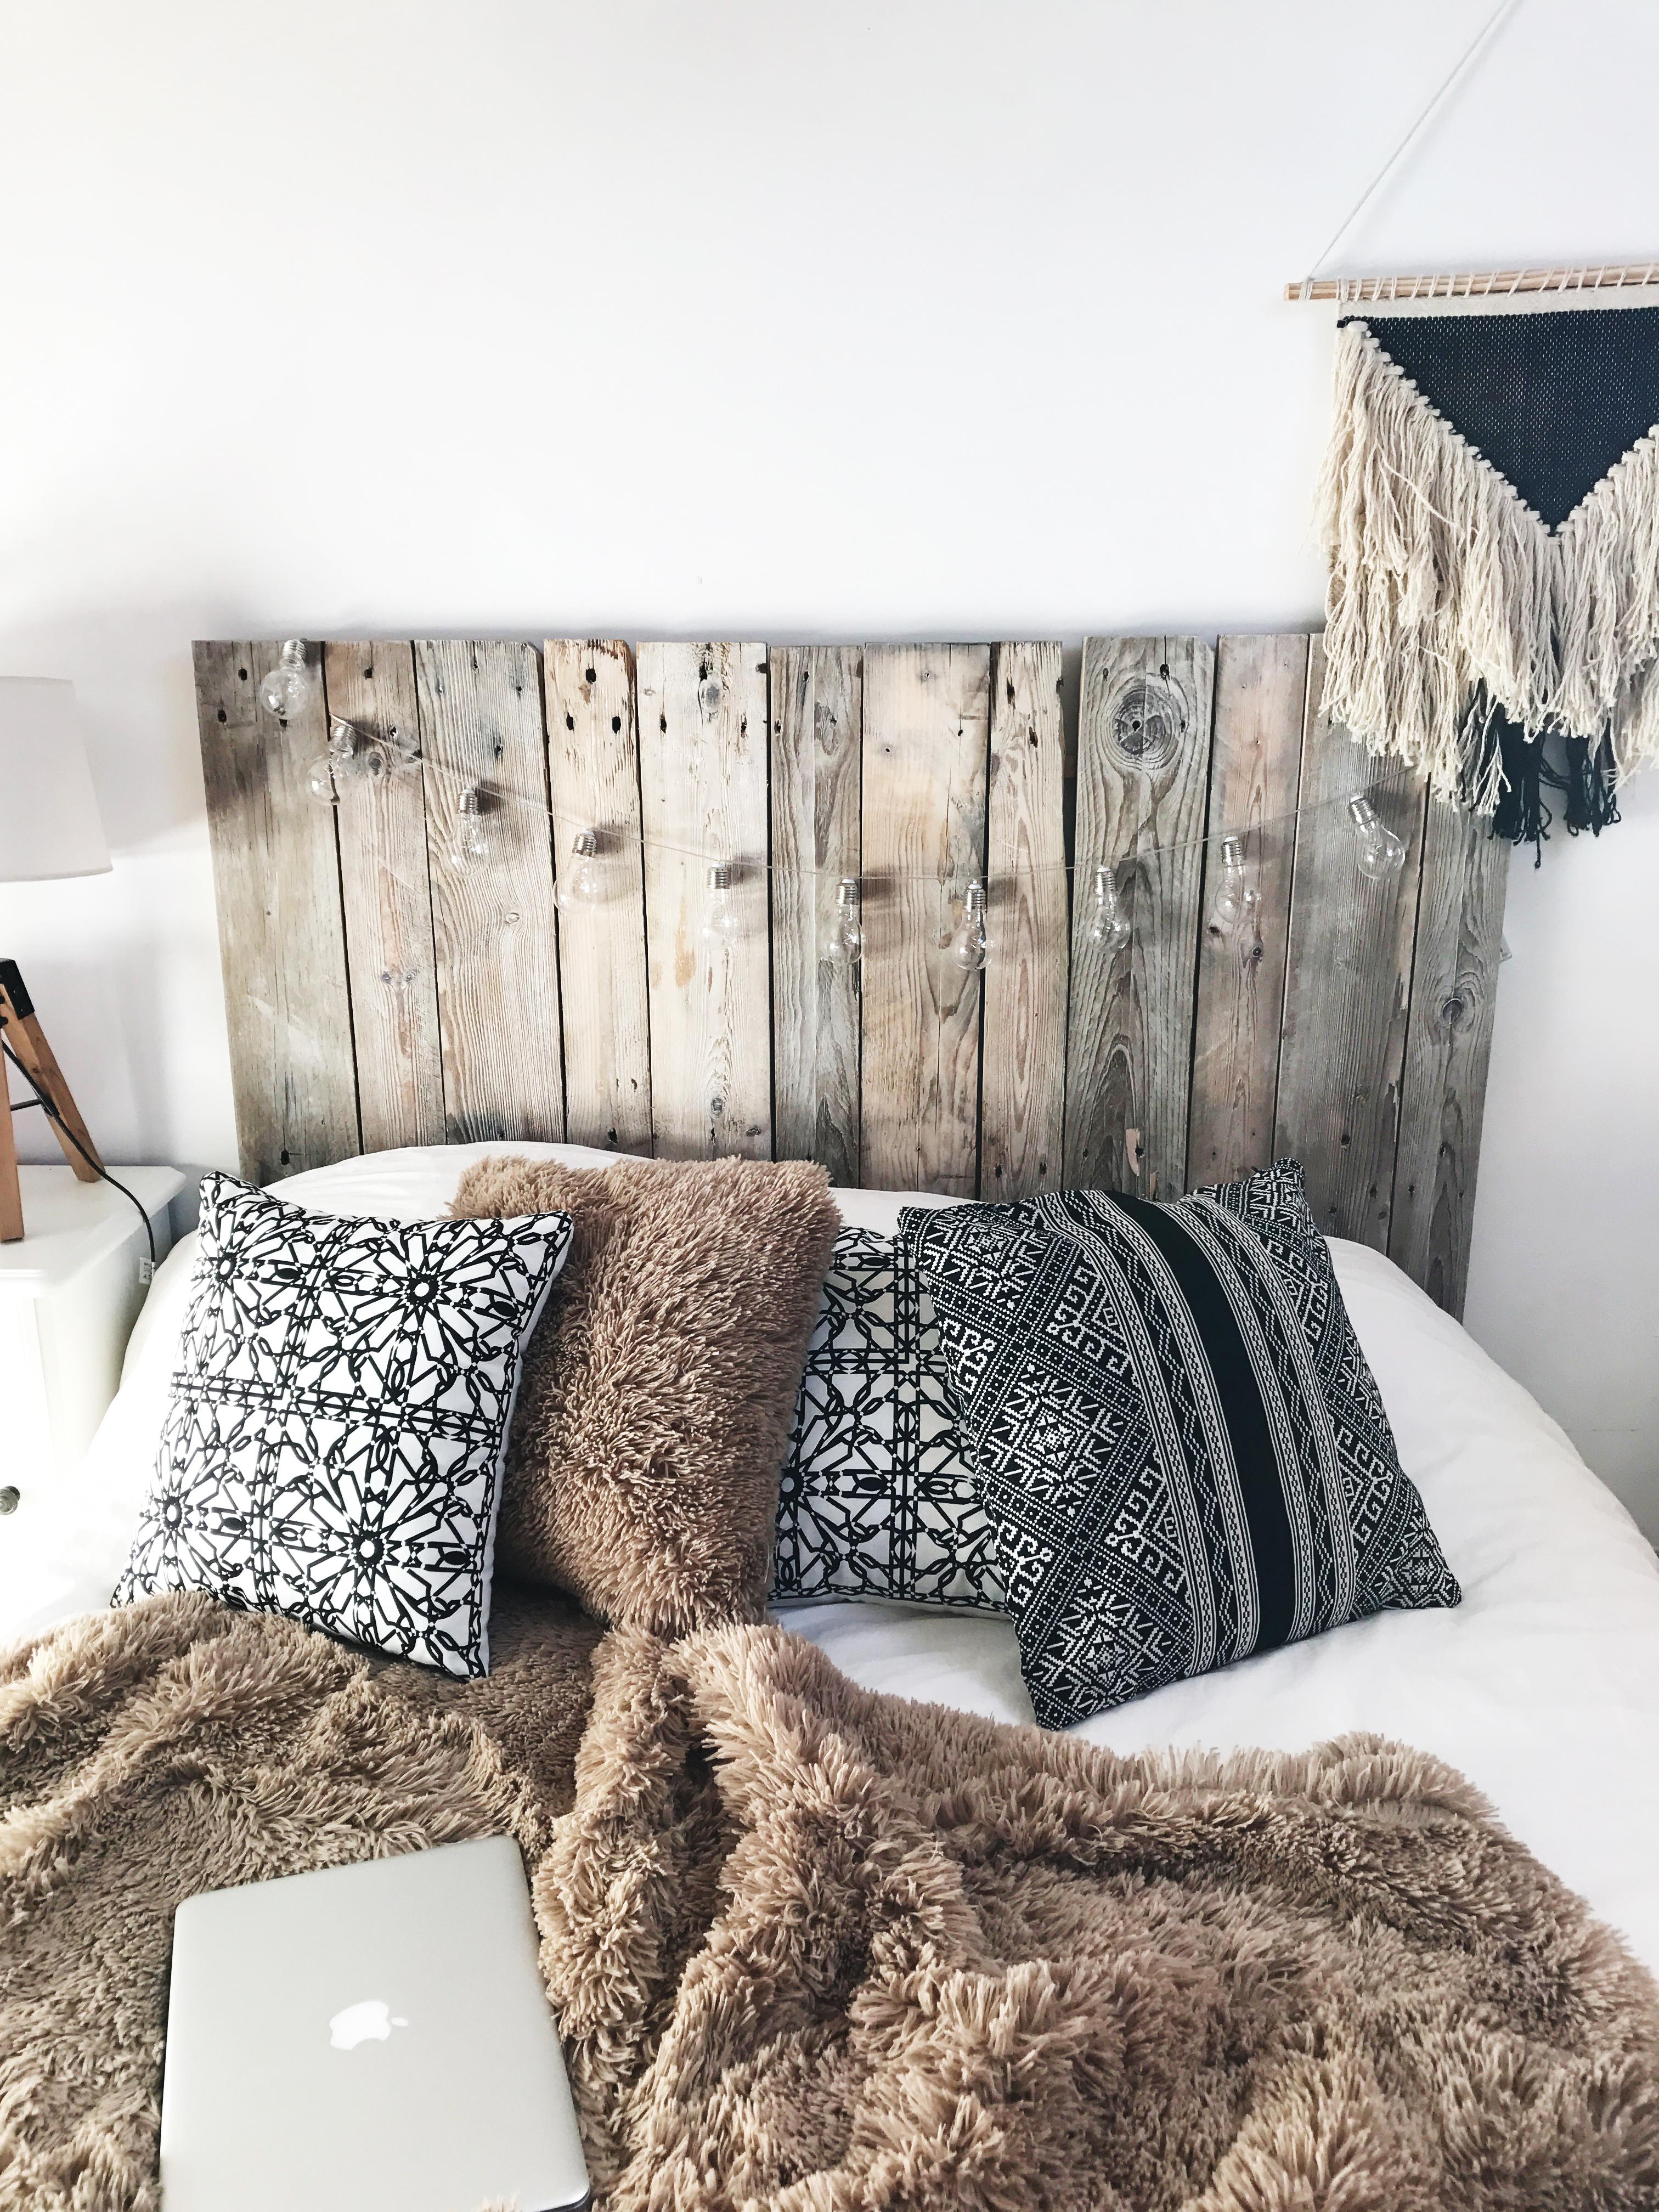 Super DIY, la tête de lit en palettes | Ghjuvanotta TV72